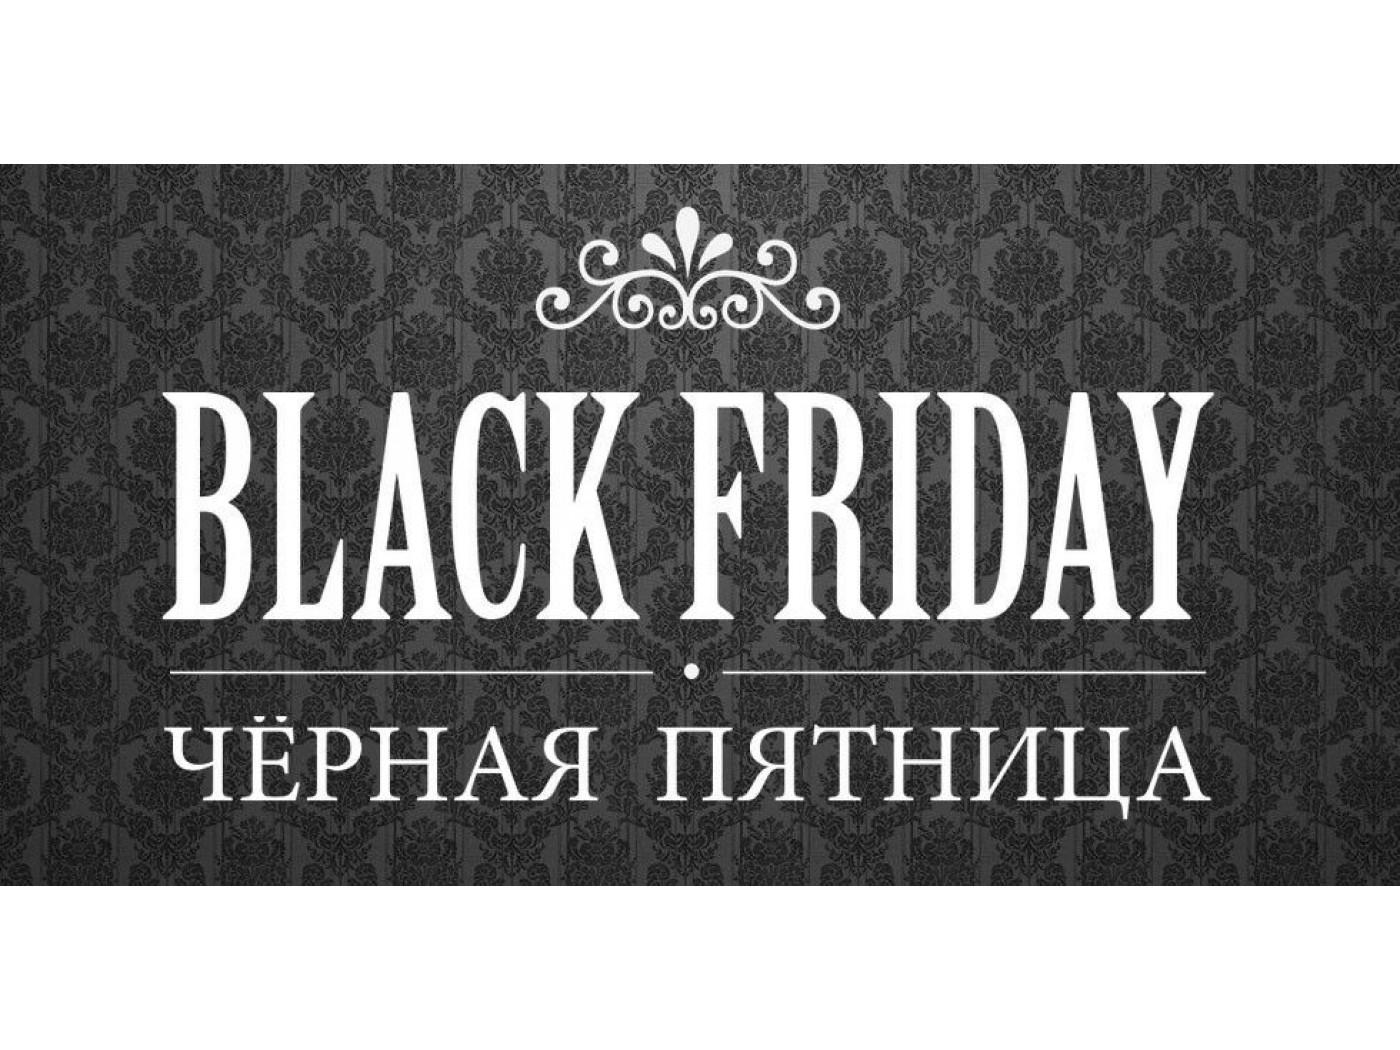 Черная пятница 23, 24 ноября 2018 г. Скидки до 35%!